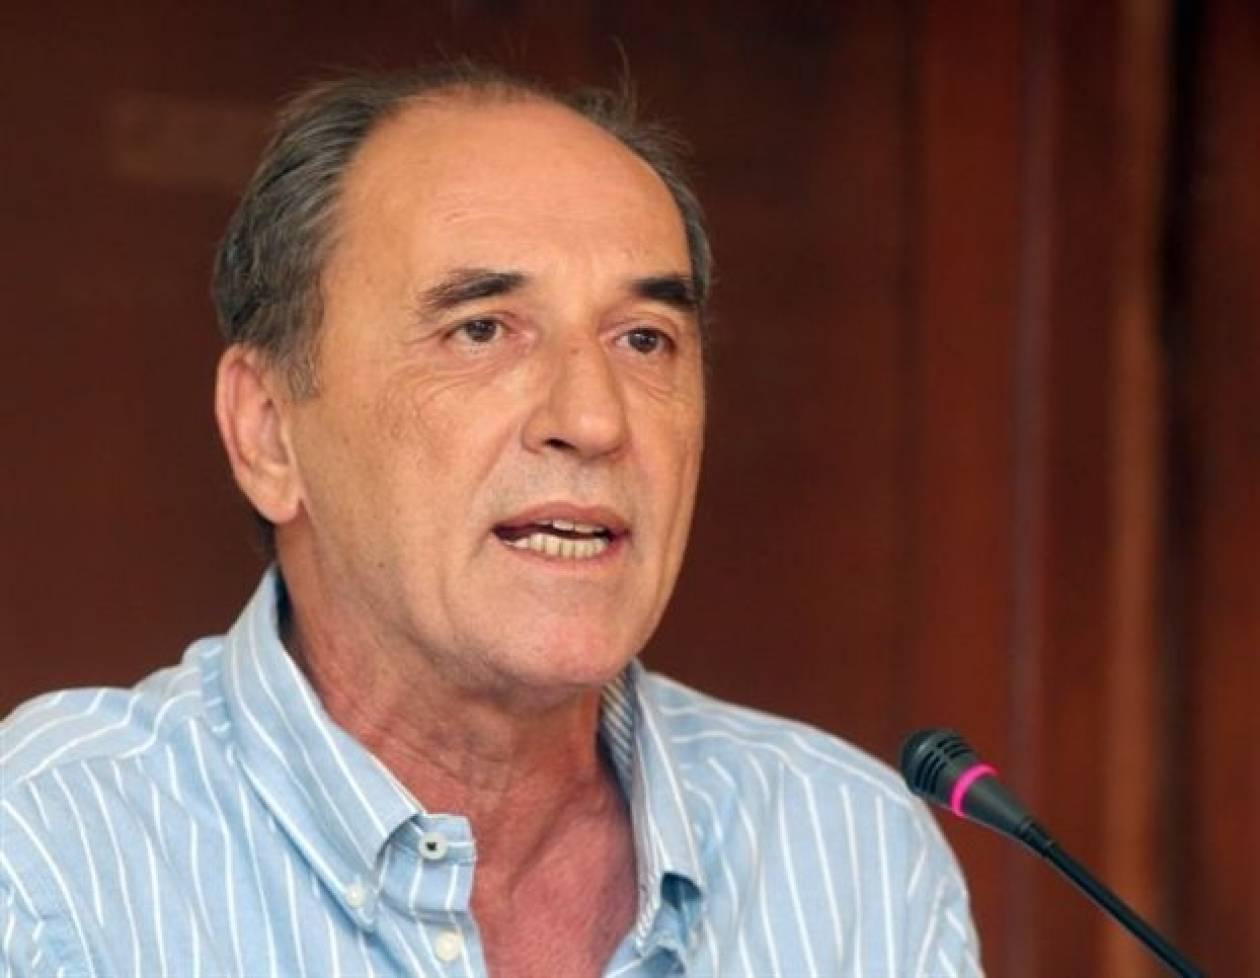 Κόντρα κυβέρνησης-ΣΥΡΙΖΑ εξαιτίας Σταθάκη για την φορολόγηση